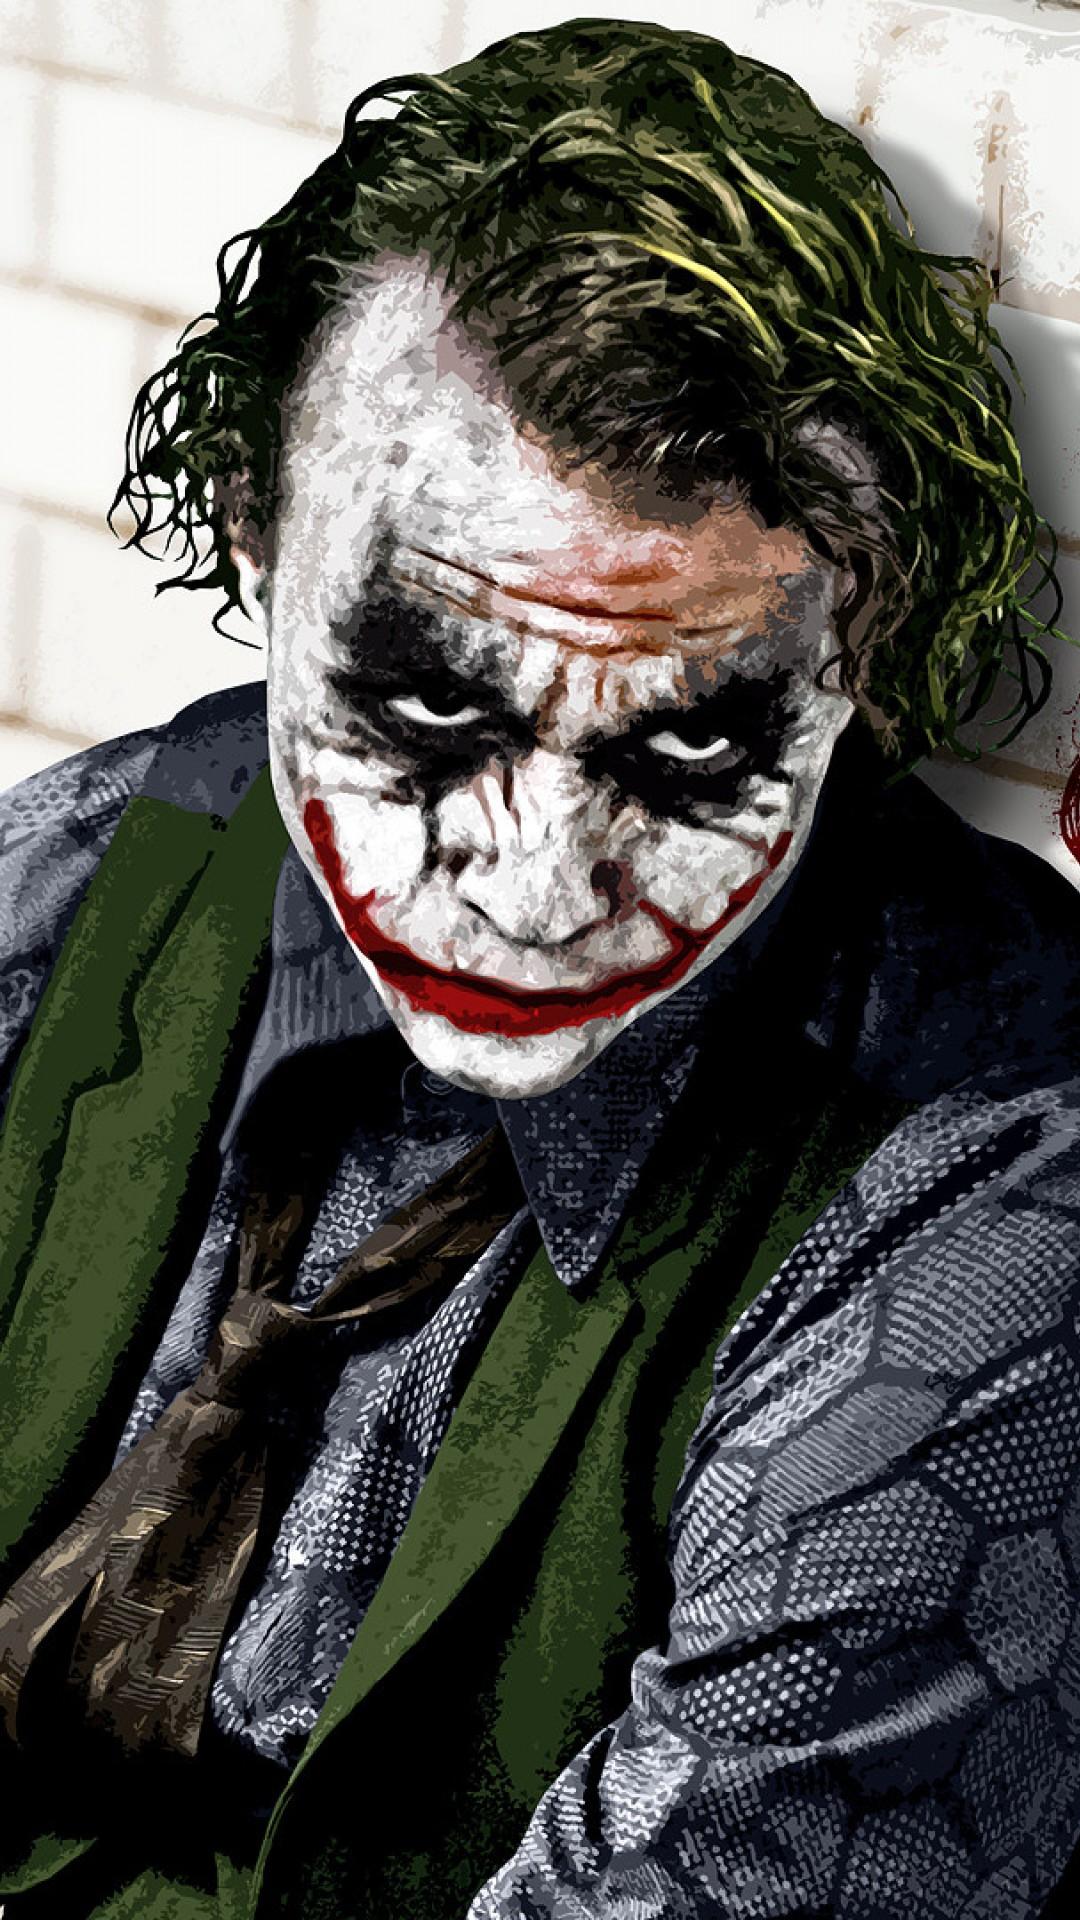 Joker The Dark Knight Hd Wallpaper Iphone 6 6s Plus Hd